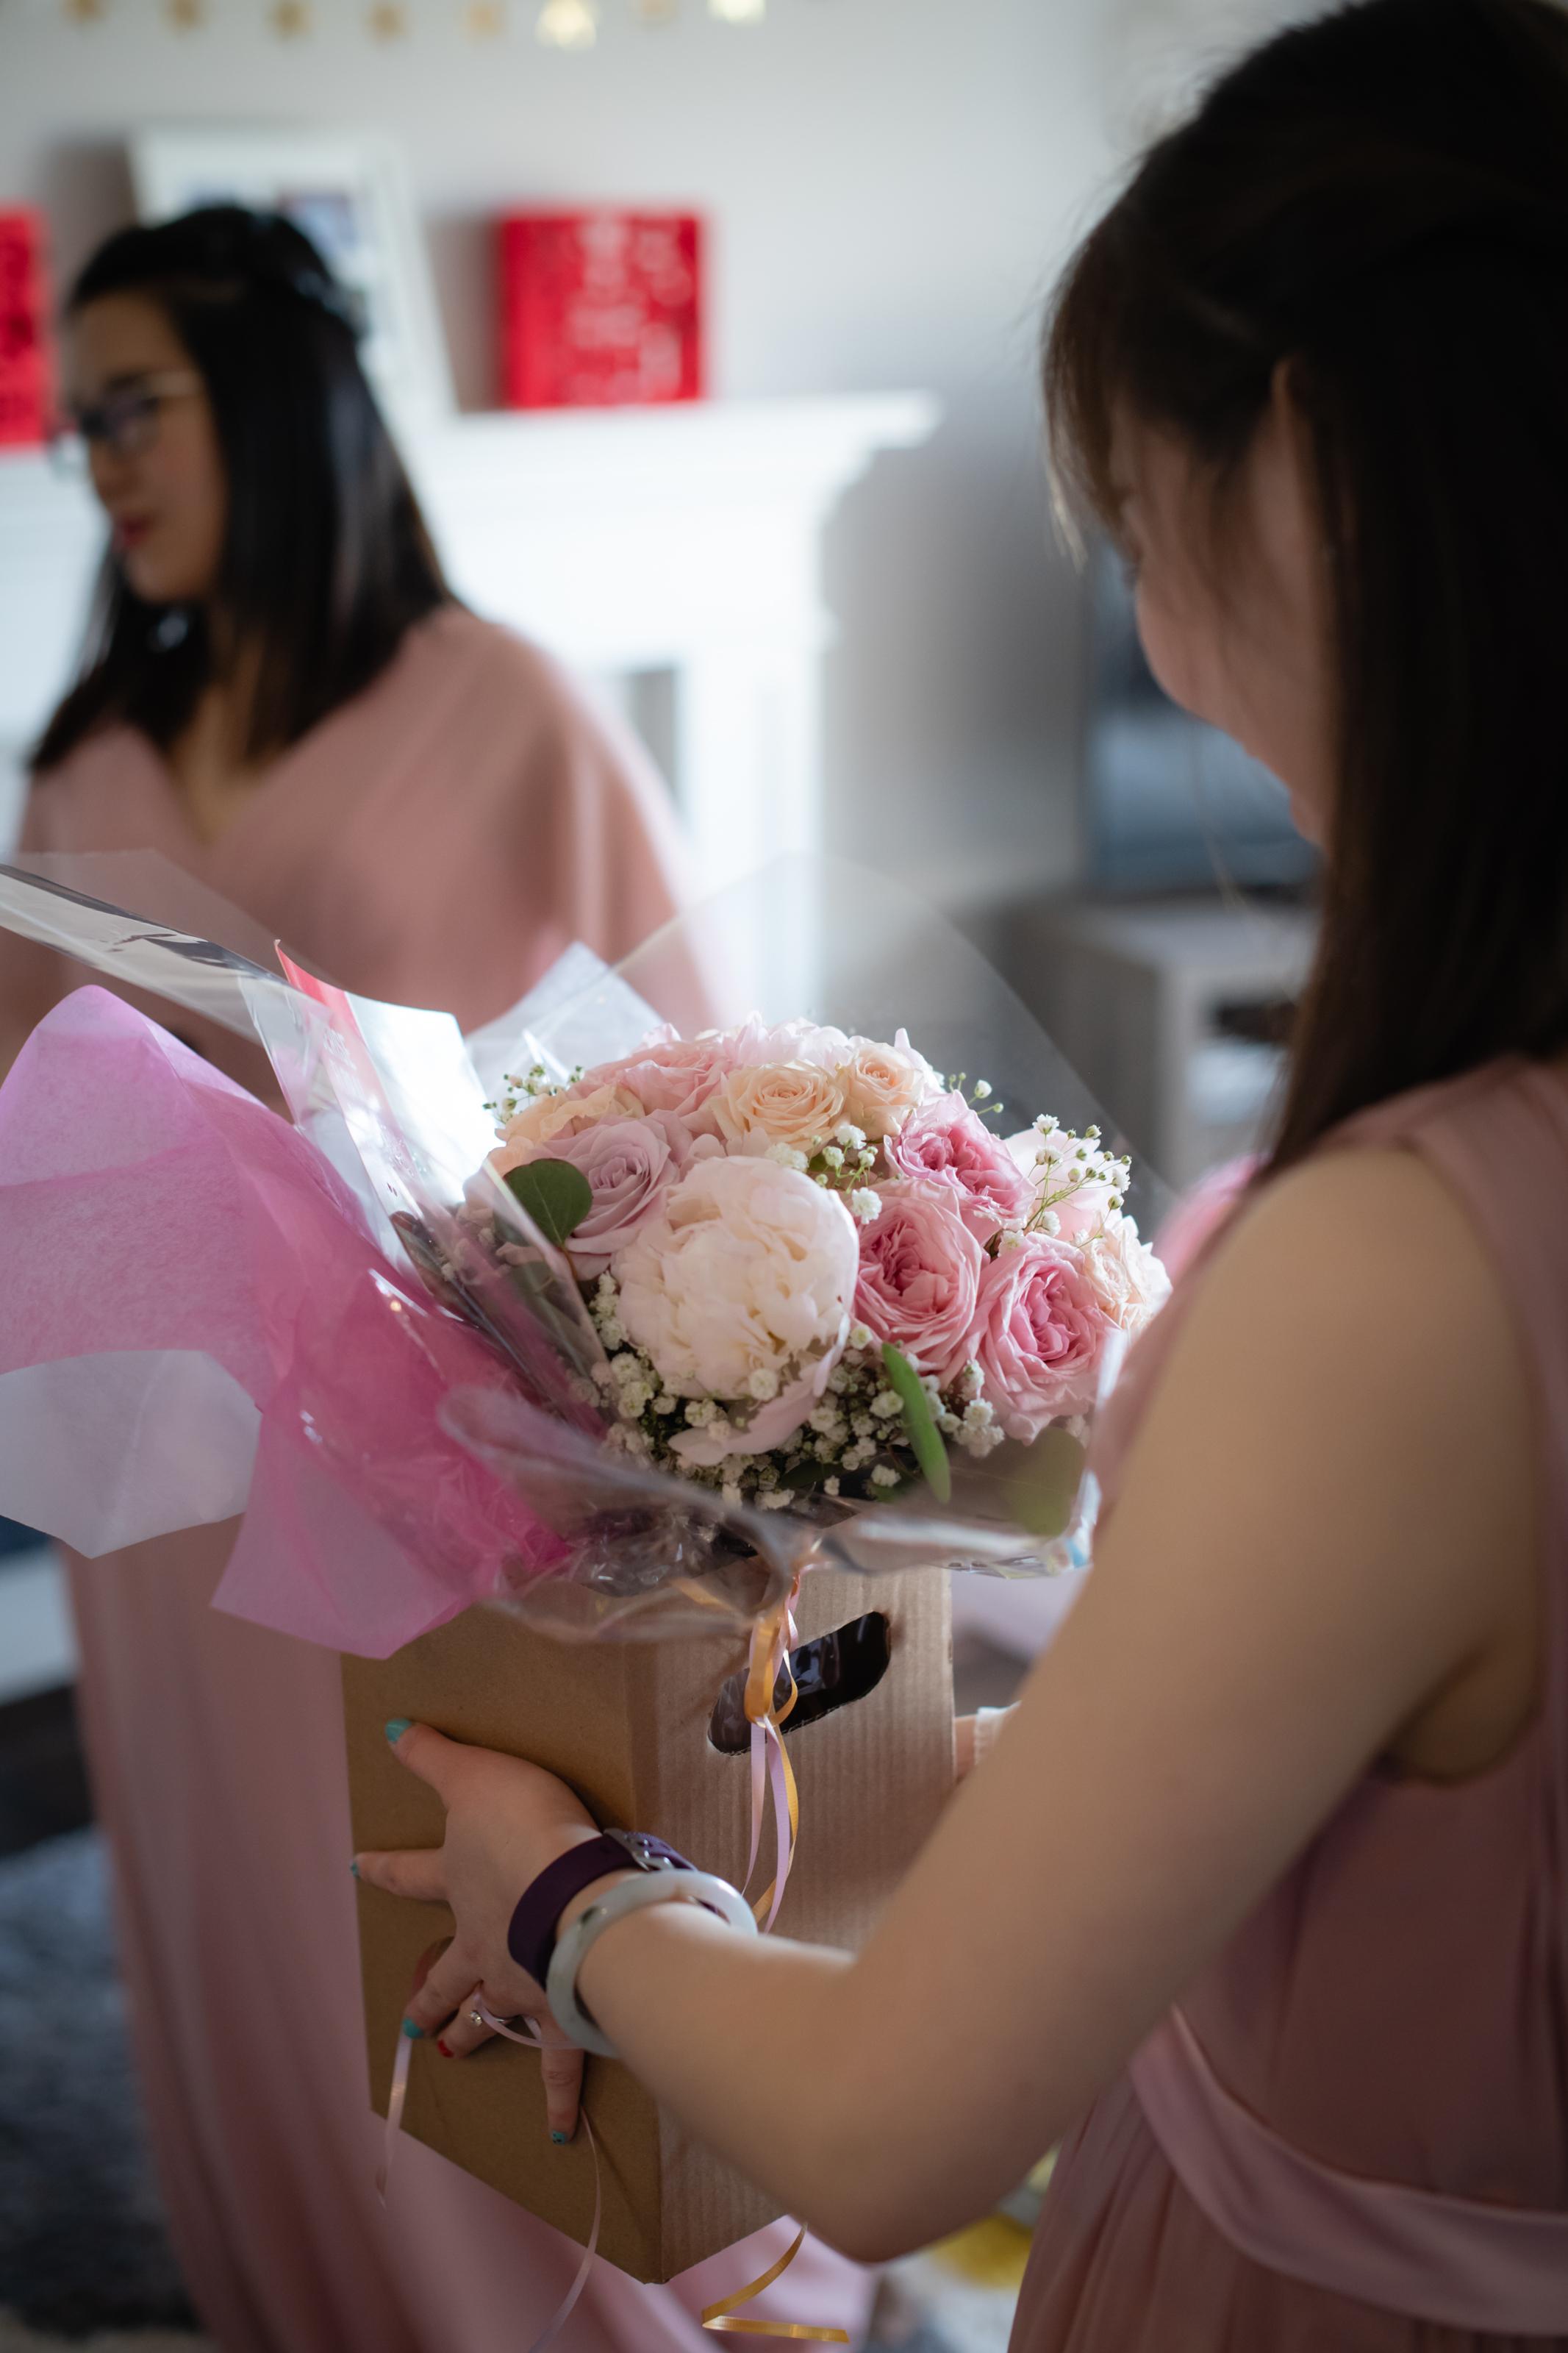 Selina_Chris_Wedding_Sneak_Peek_011.jpg